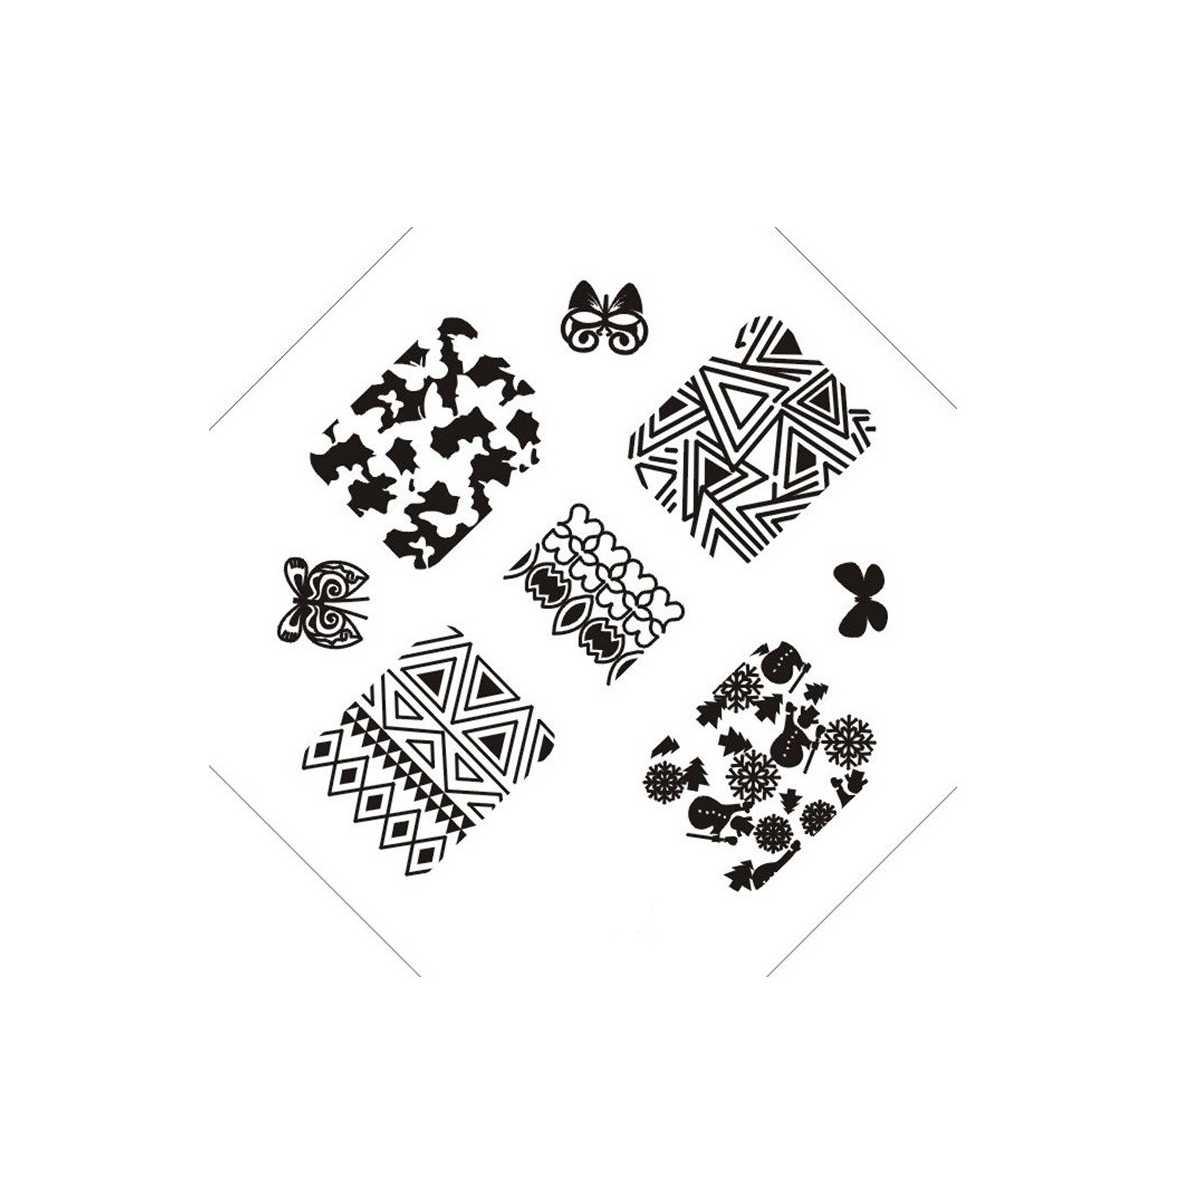 https://www.kit-manucure.com/608-thickbox_default/plaque-de-stamping-motifs-géométriques-papillons-et-bonhomme-de-neige.jpg